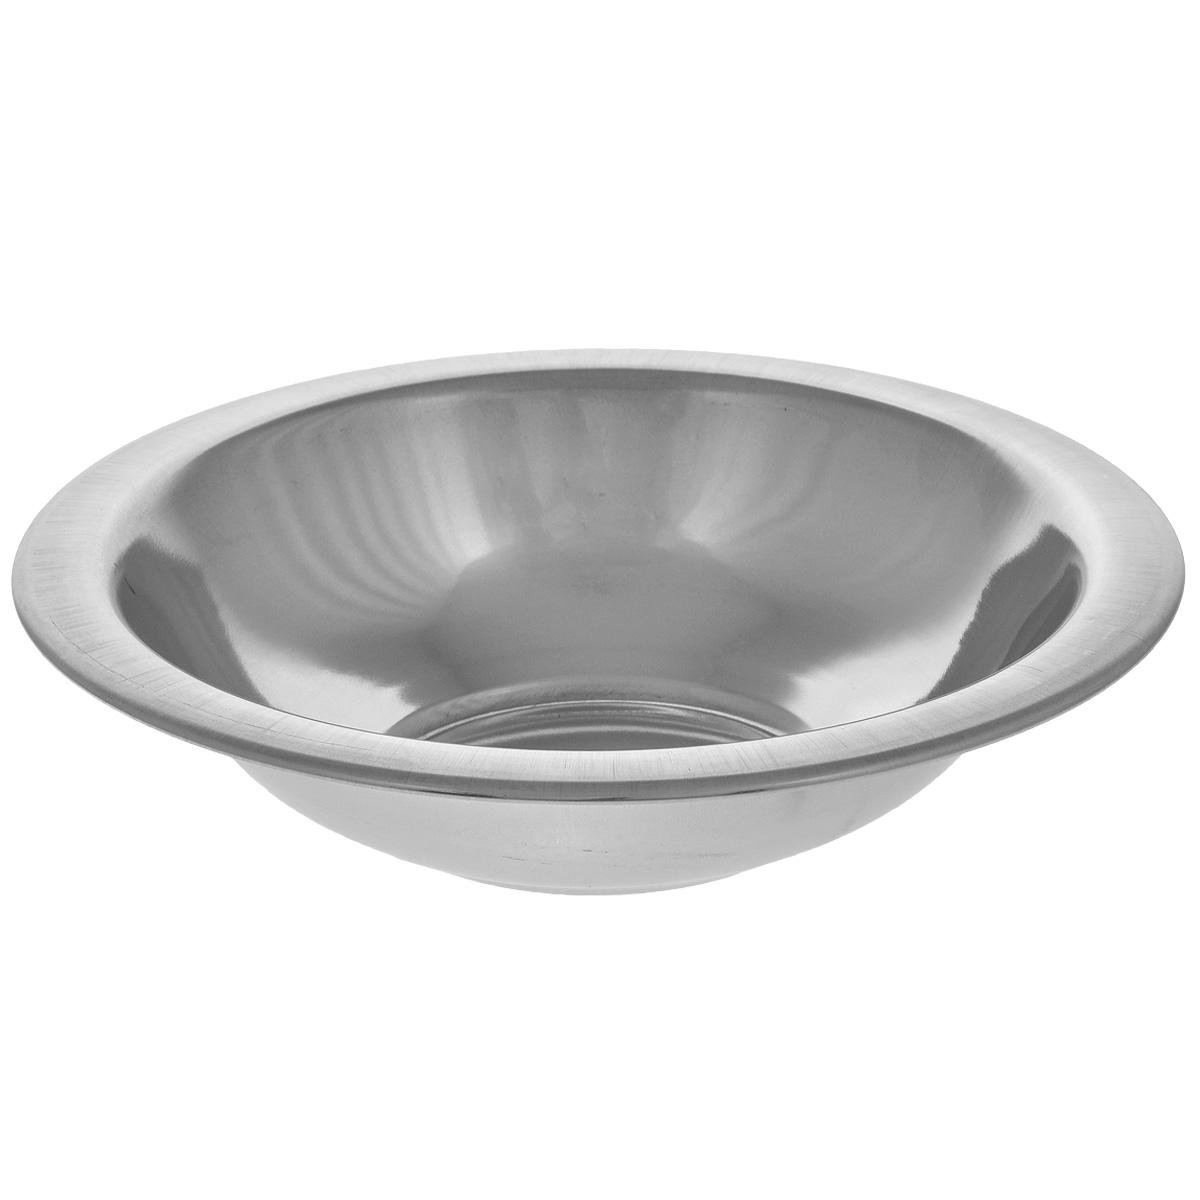 Миска Padia, диаметр 21,5 см5000-02Миска Padia изготовлена из нержавеющей стали. Удобная посуда прекрасно подойдет для походов и пикников. Прочная, компактная миска легко моется. Отлично подойдет для горячих блюд.Диаметр миски: 21,5 см.Высота миски: 4,5 см.